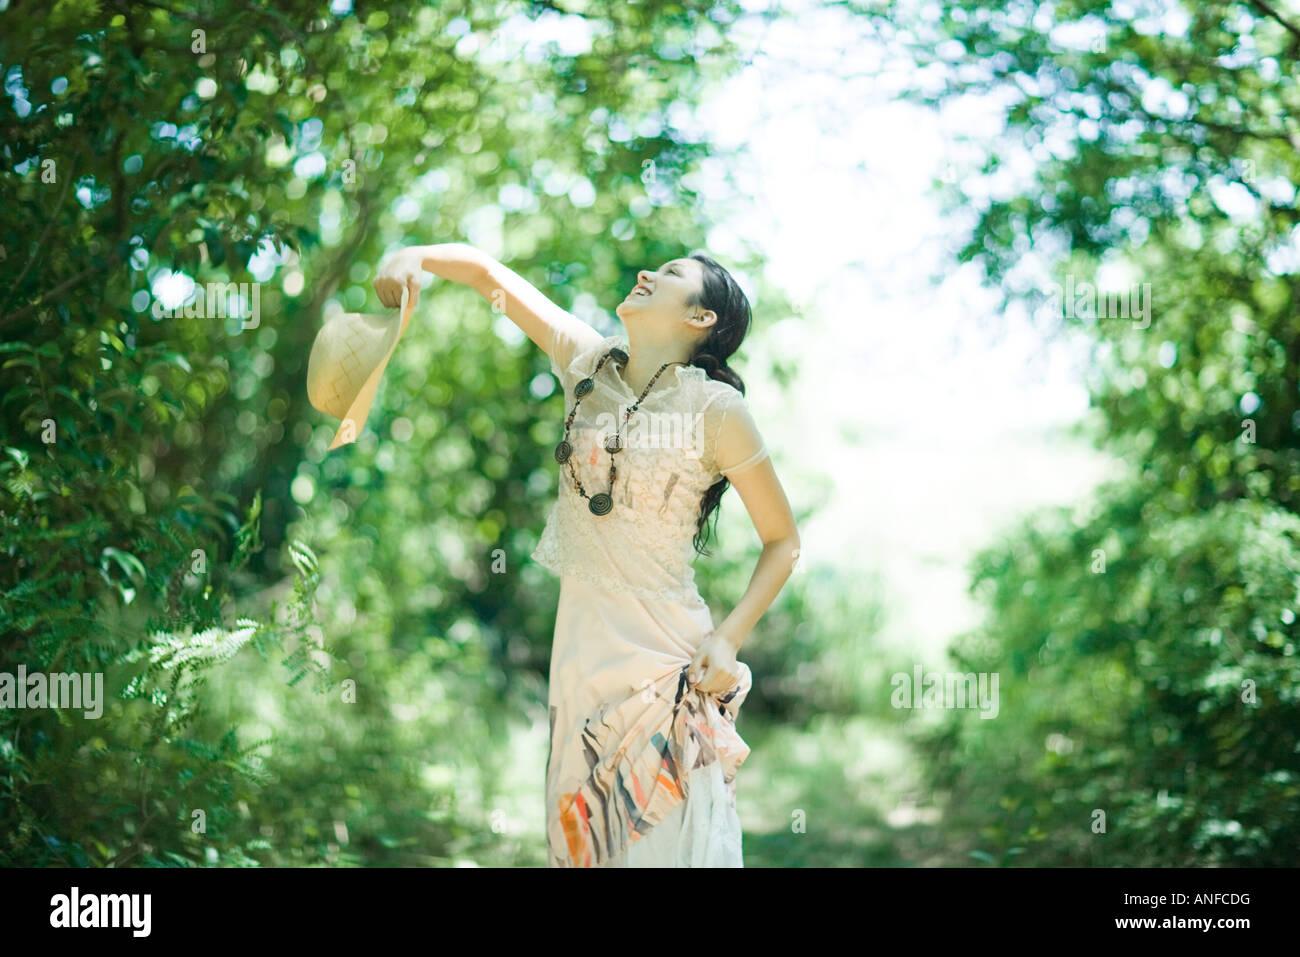 Junge Frau im Wald stehen, werfen sich Sonnenhut Stockbild